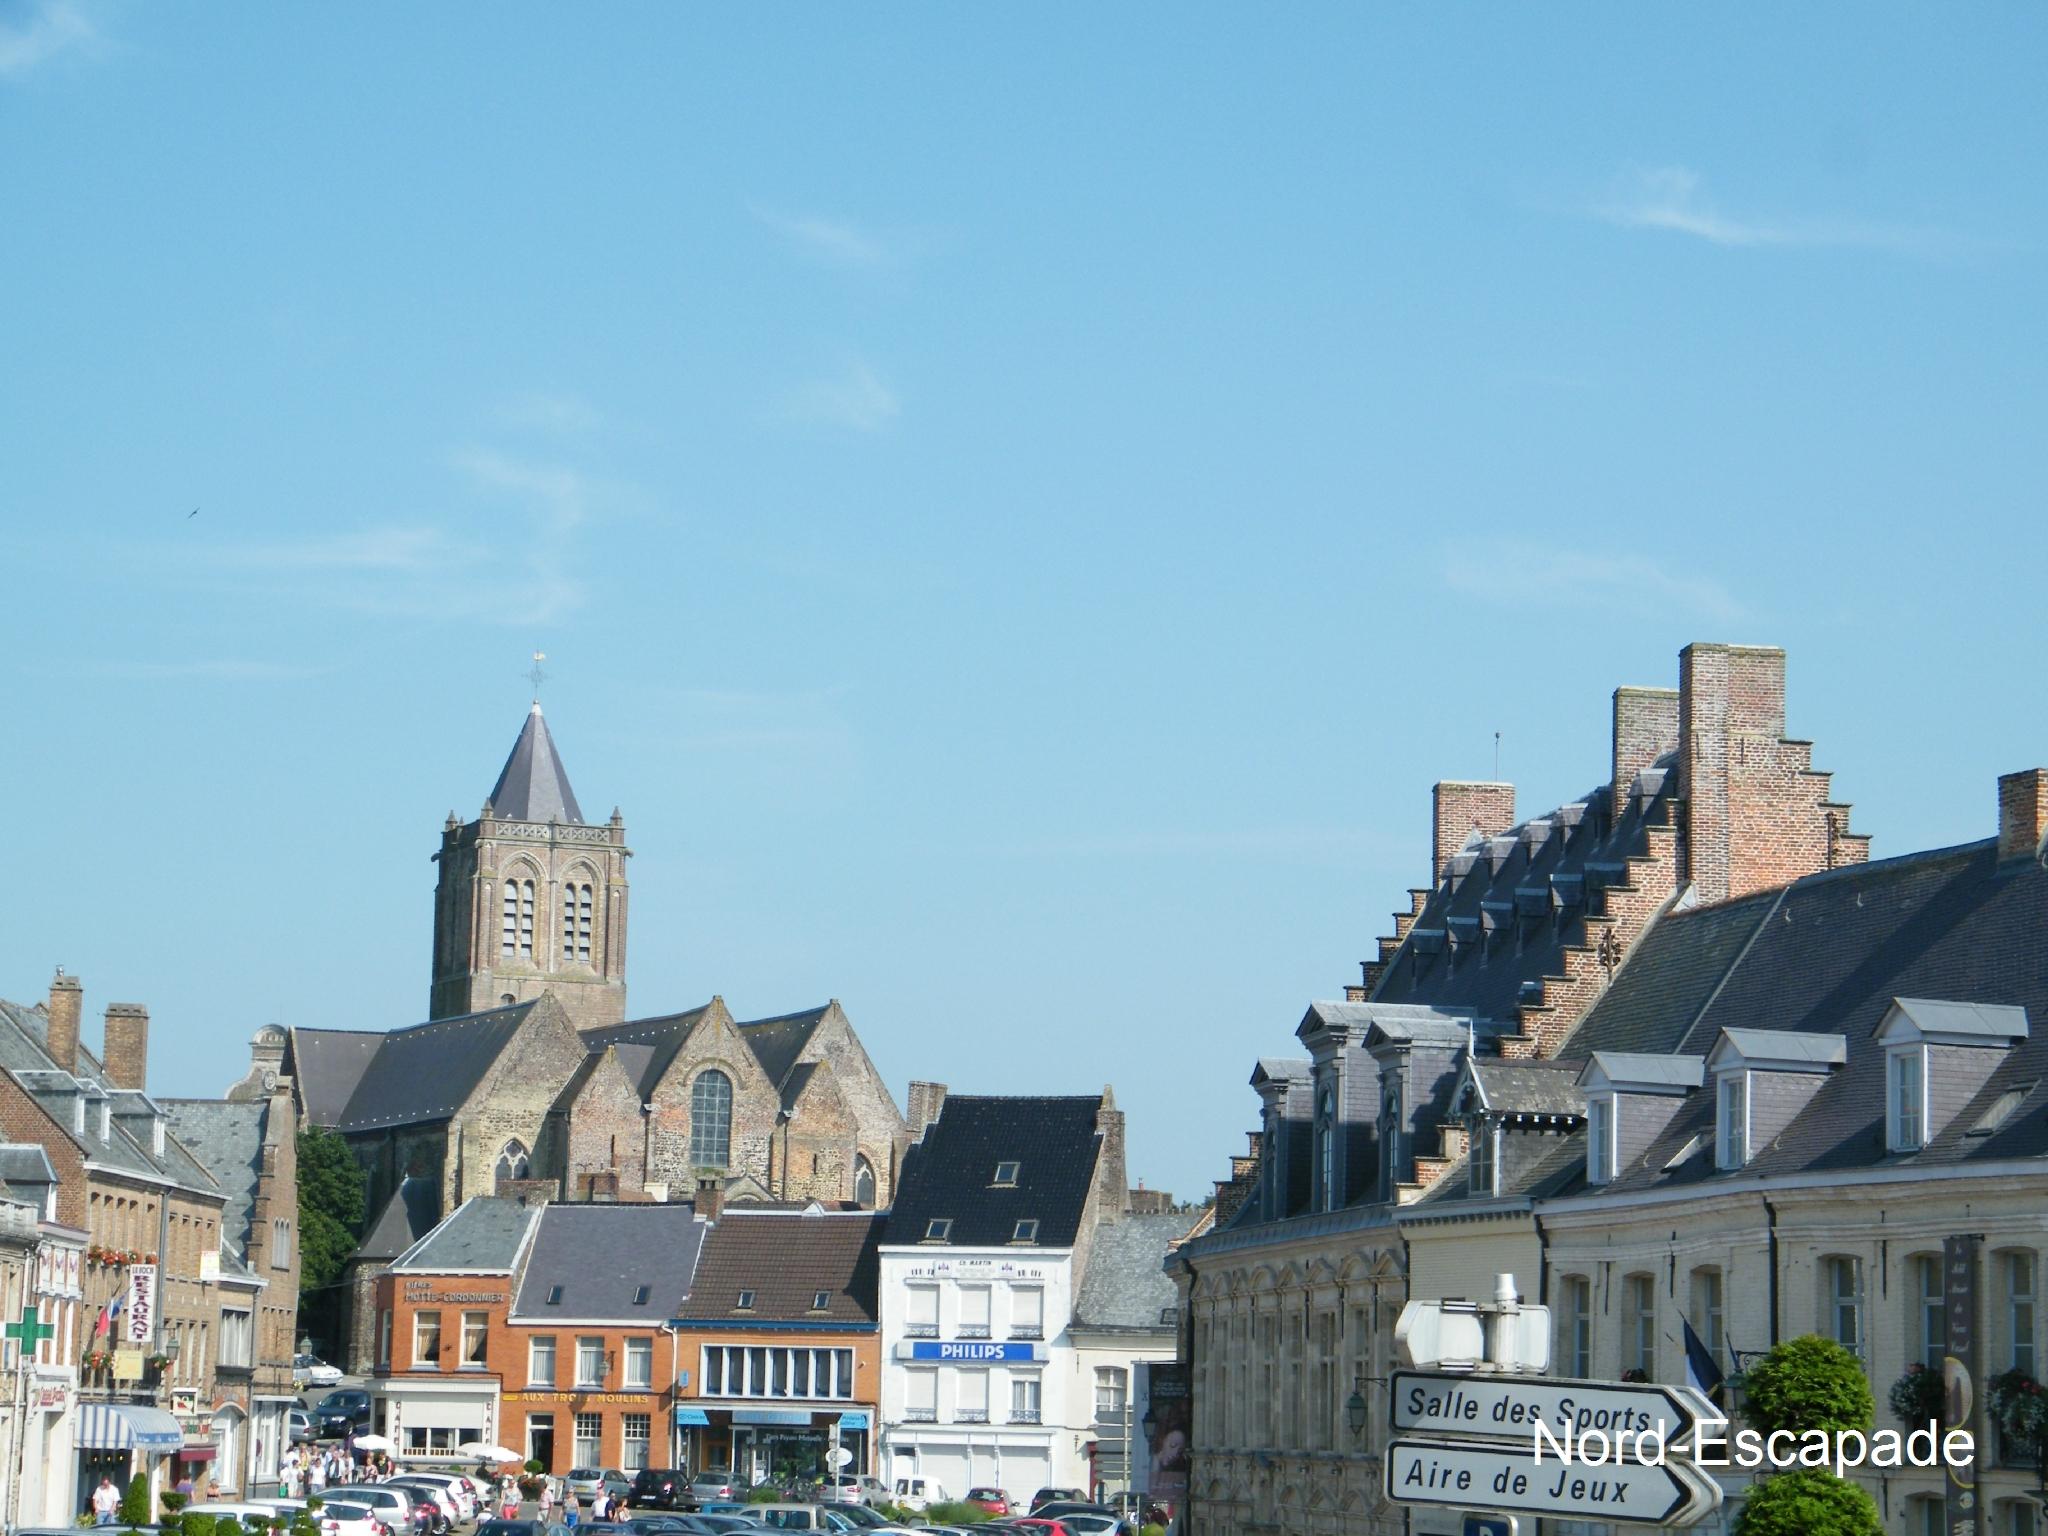 Eglise de Cassel ainsi que le musée de Flandre, sur la droite.